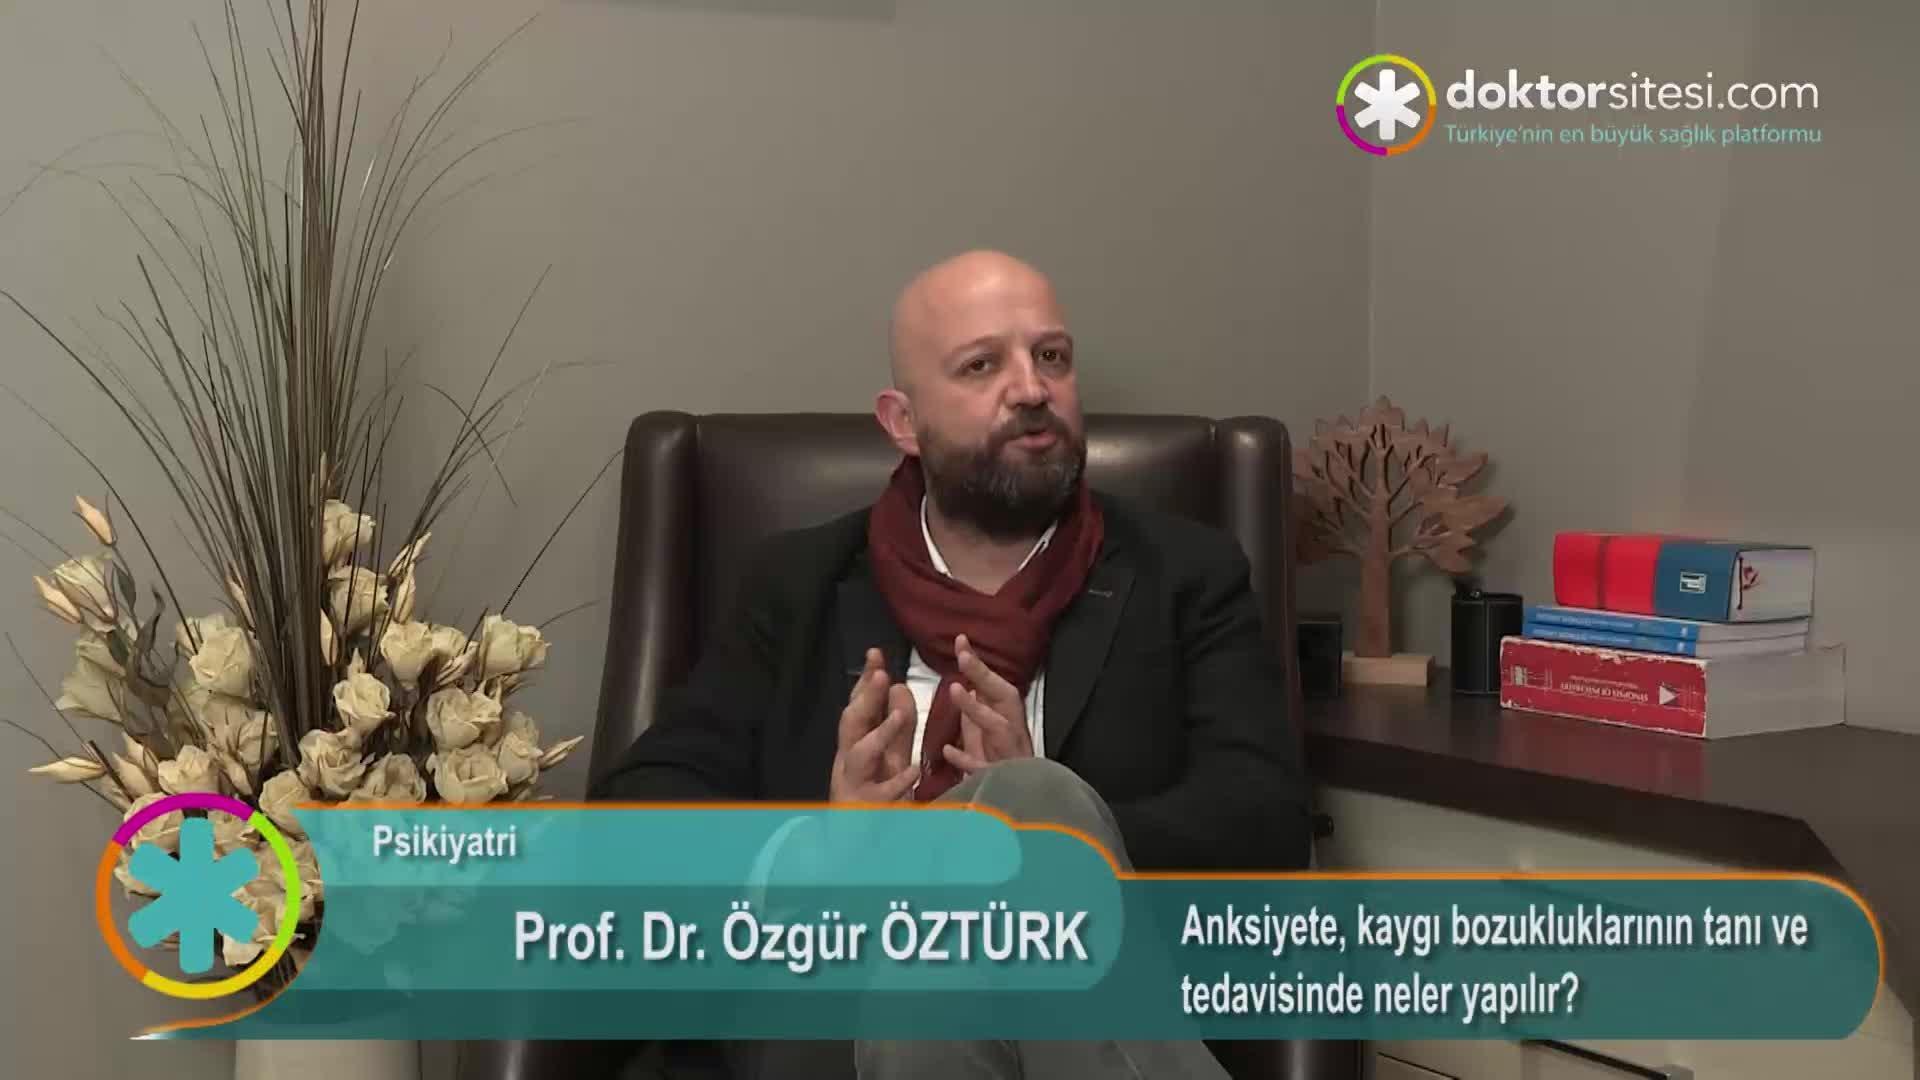 """Anksiyete, kaygı bozukluklarının tanı ve tedavisinde neler yapılır? """"Prof. Dr. Özgür  ÖZTÜRK"""""""